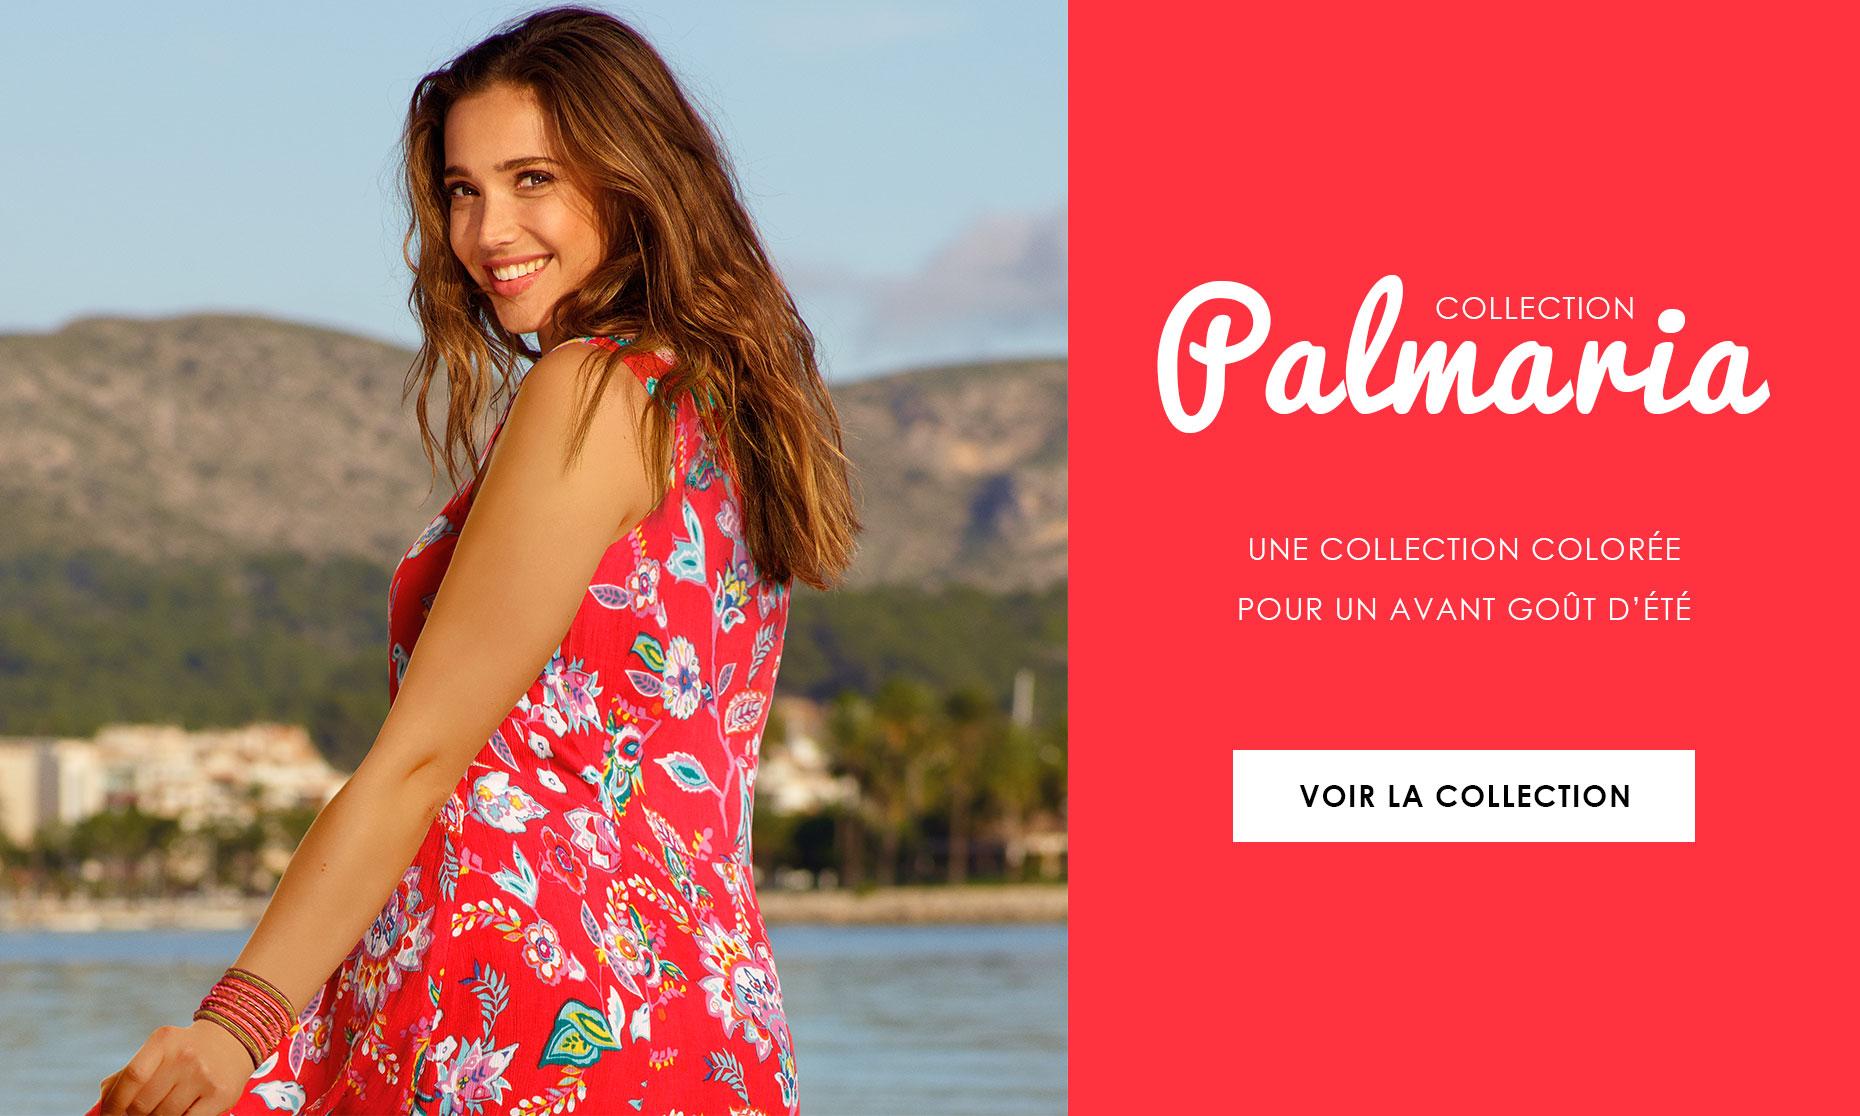 Collection Palmaria